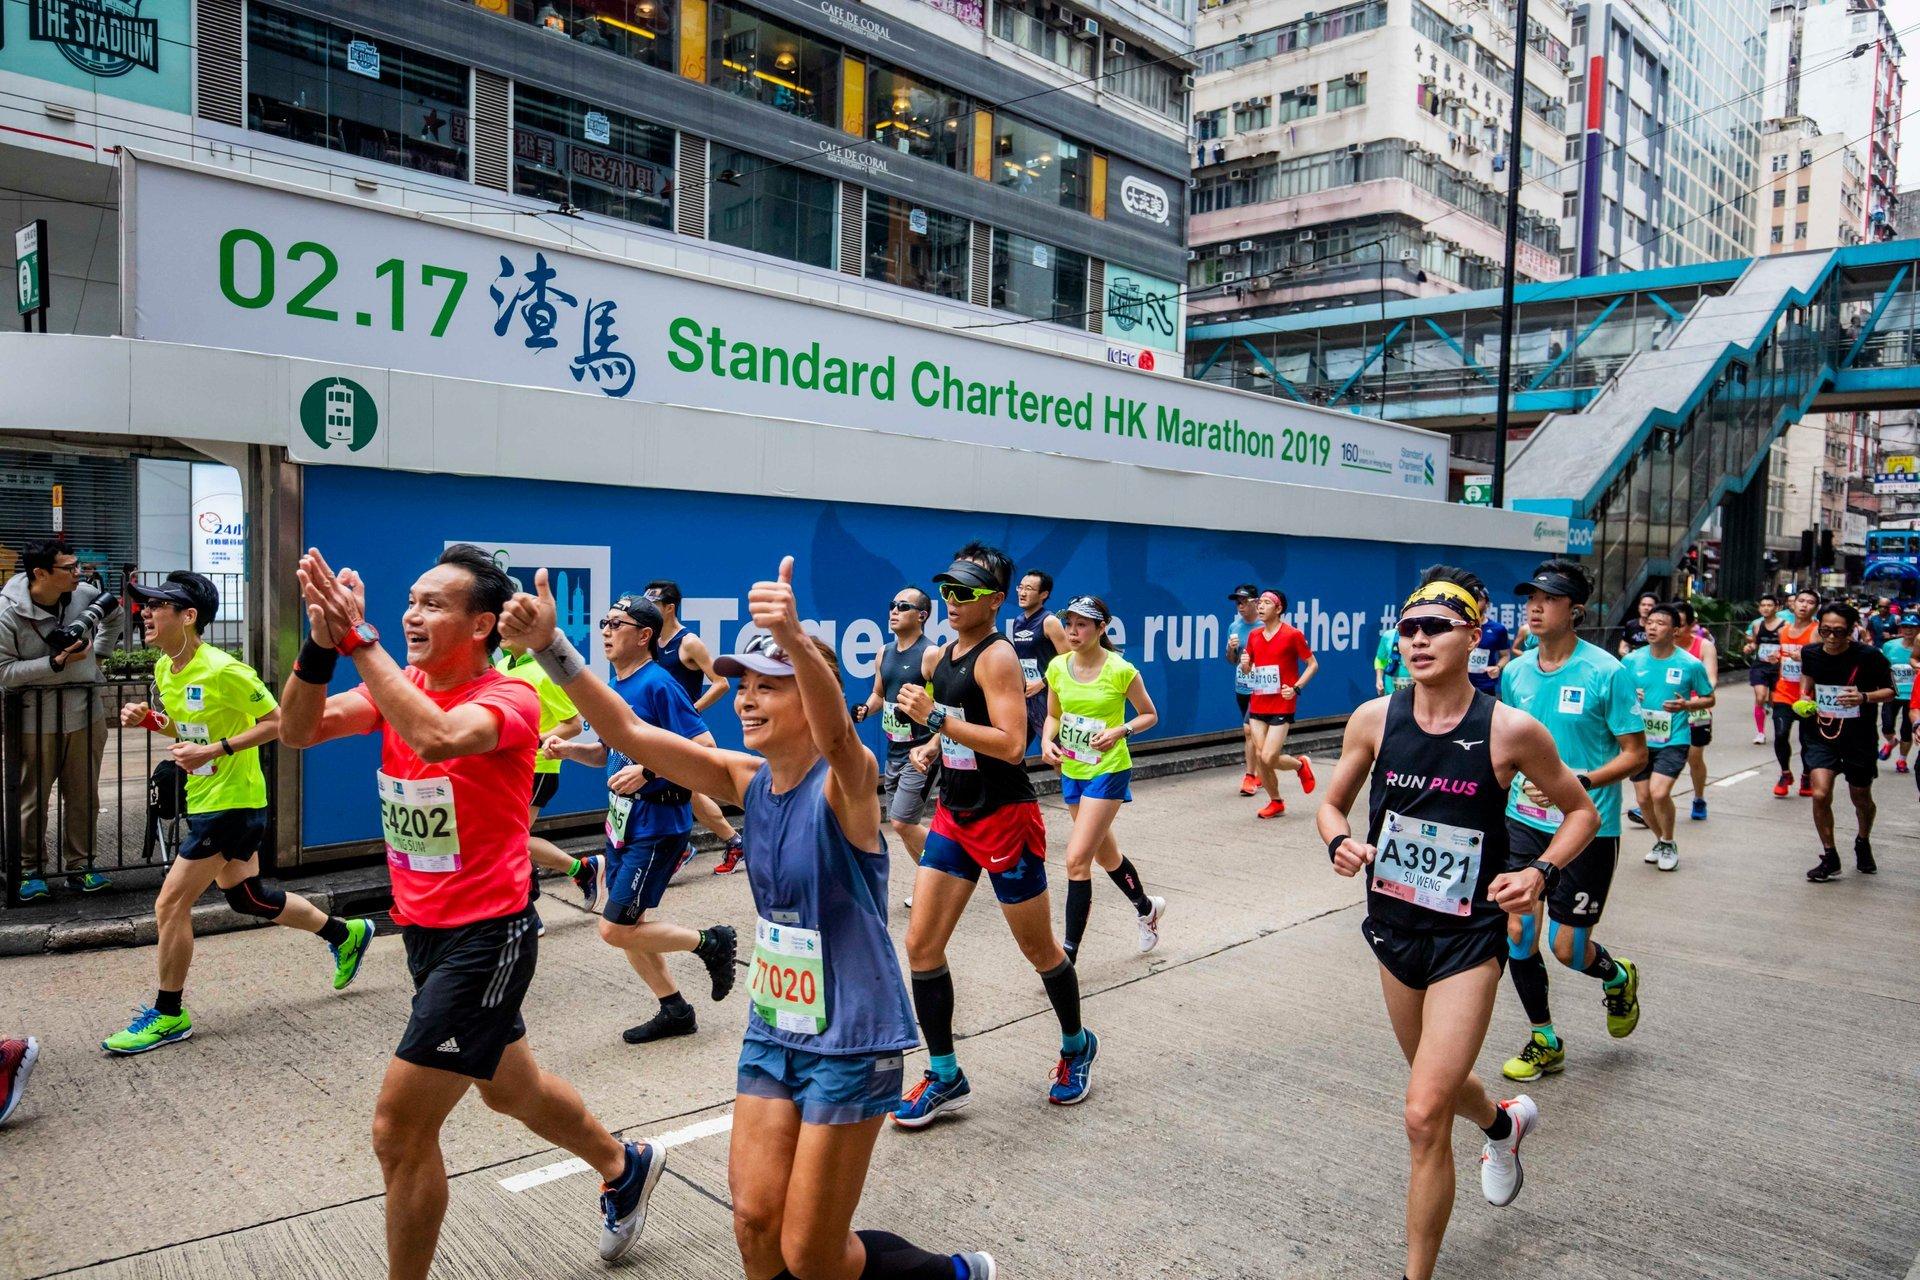 Standard Chartered Hong Kong Marathon in Hong Kong 2020 - Best Time